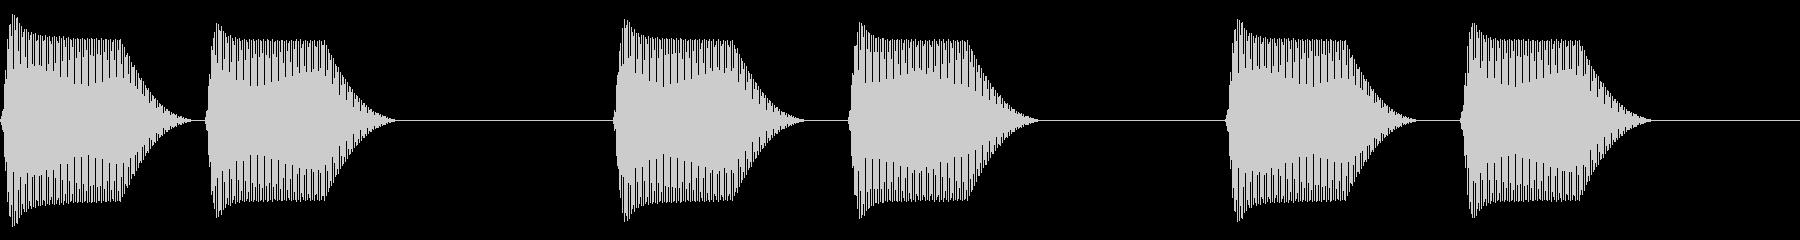 往年のRPG風 セリフ・吹き出し音 12の未再生の波形